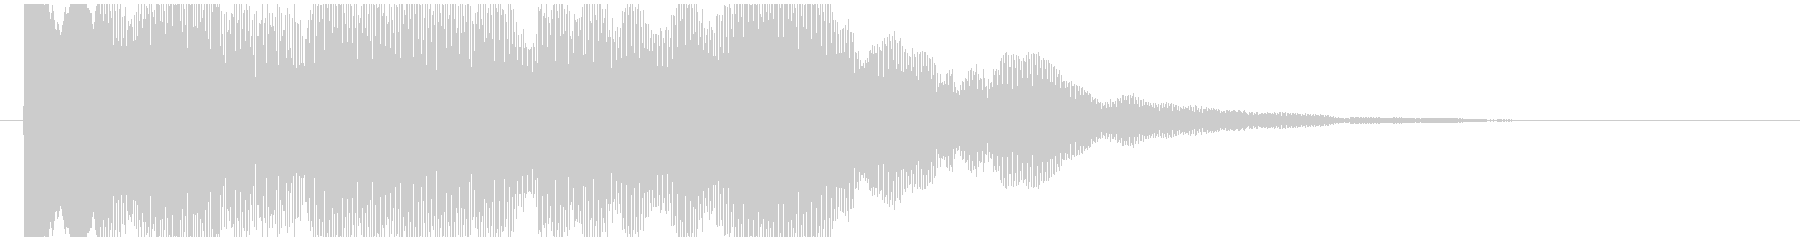 神秘的で透明感のあるアクセント音11の未再生の波形